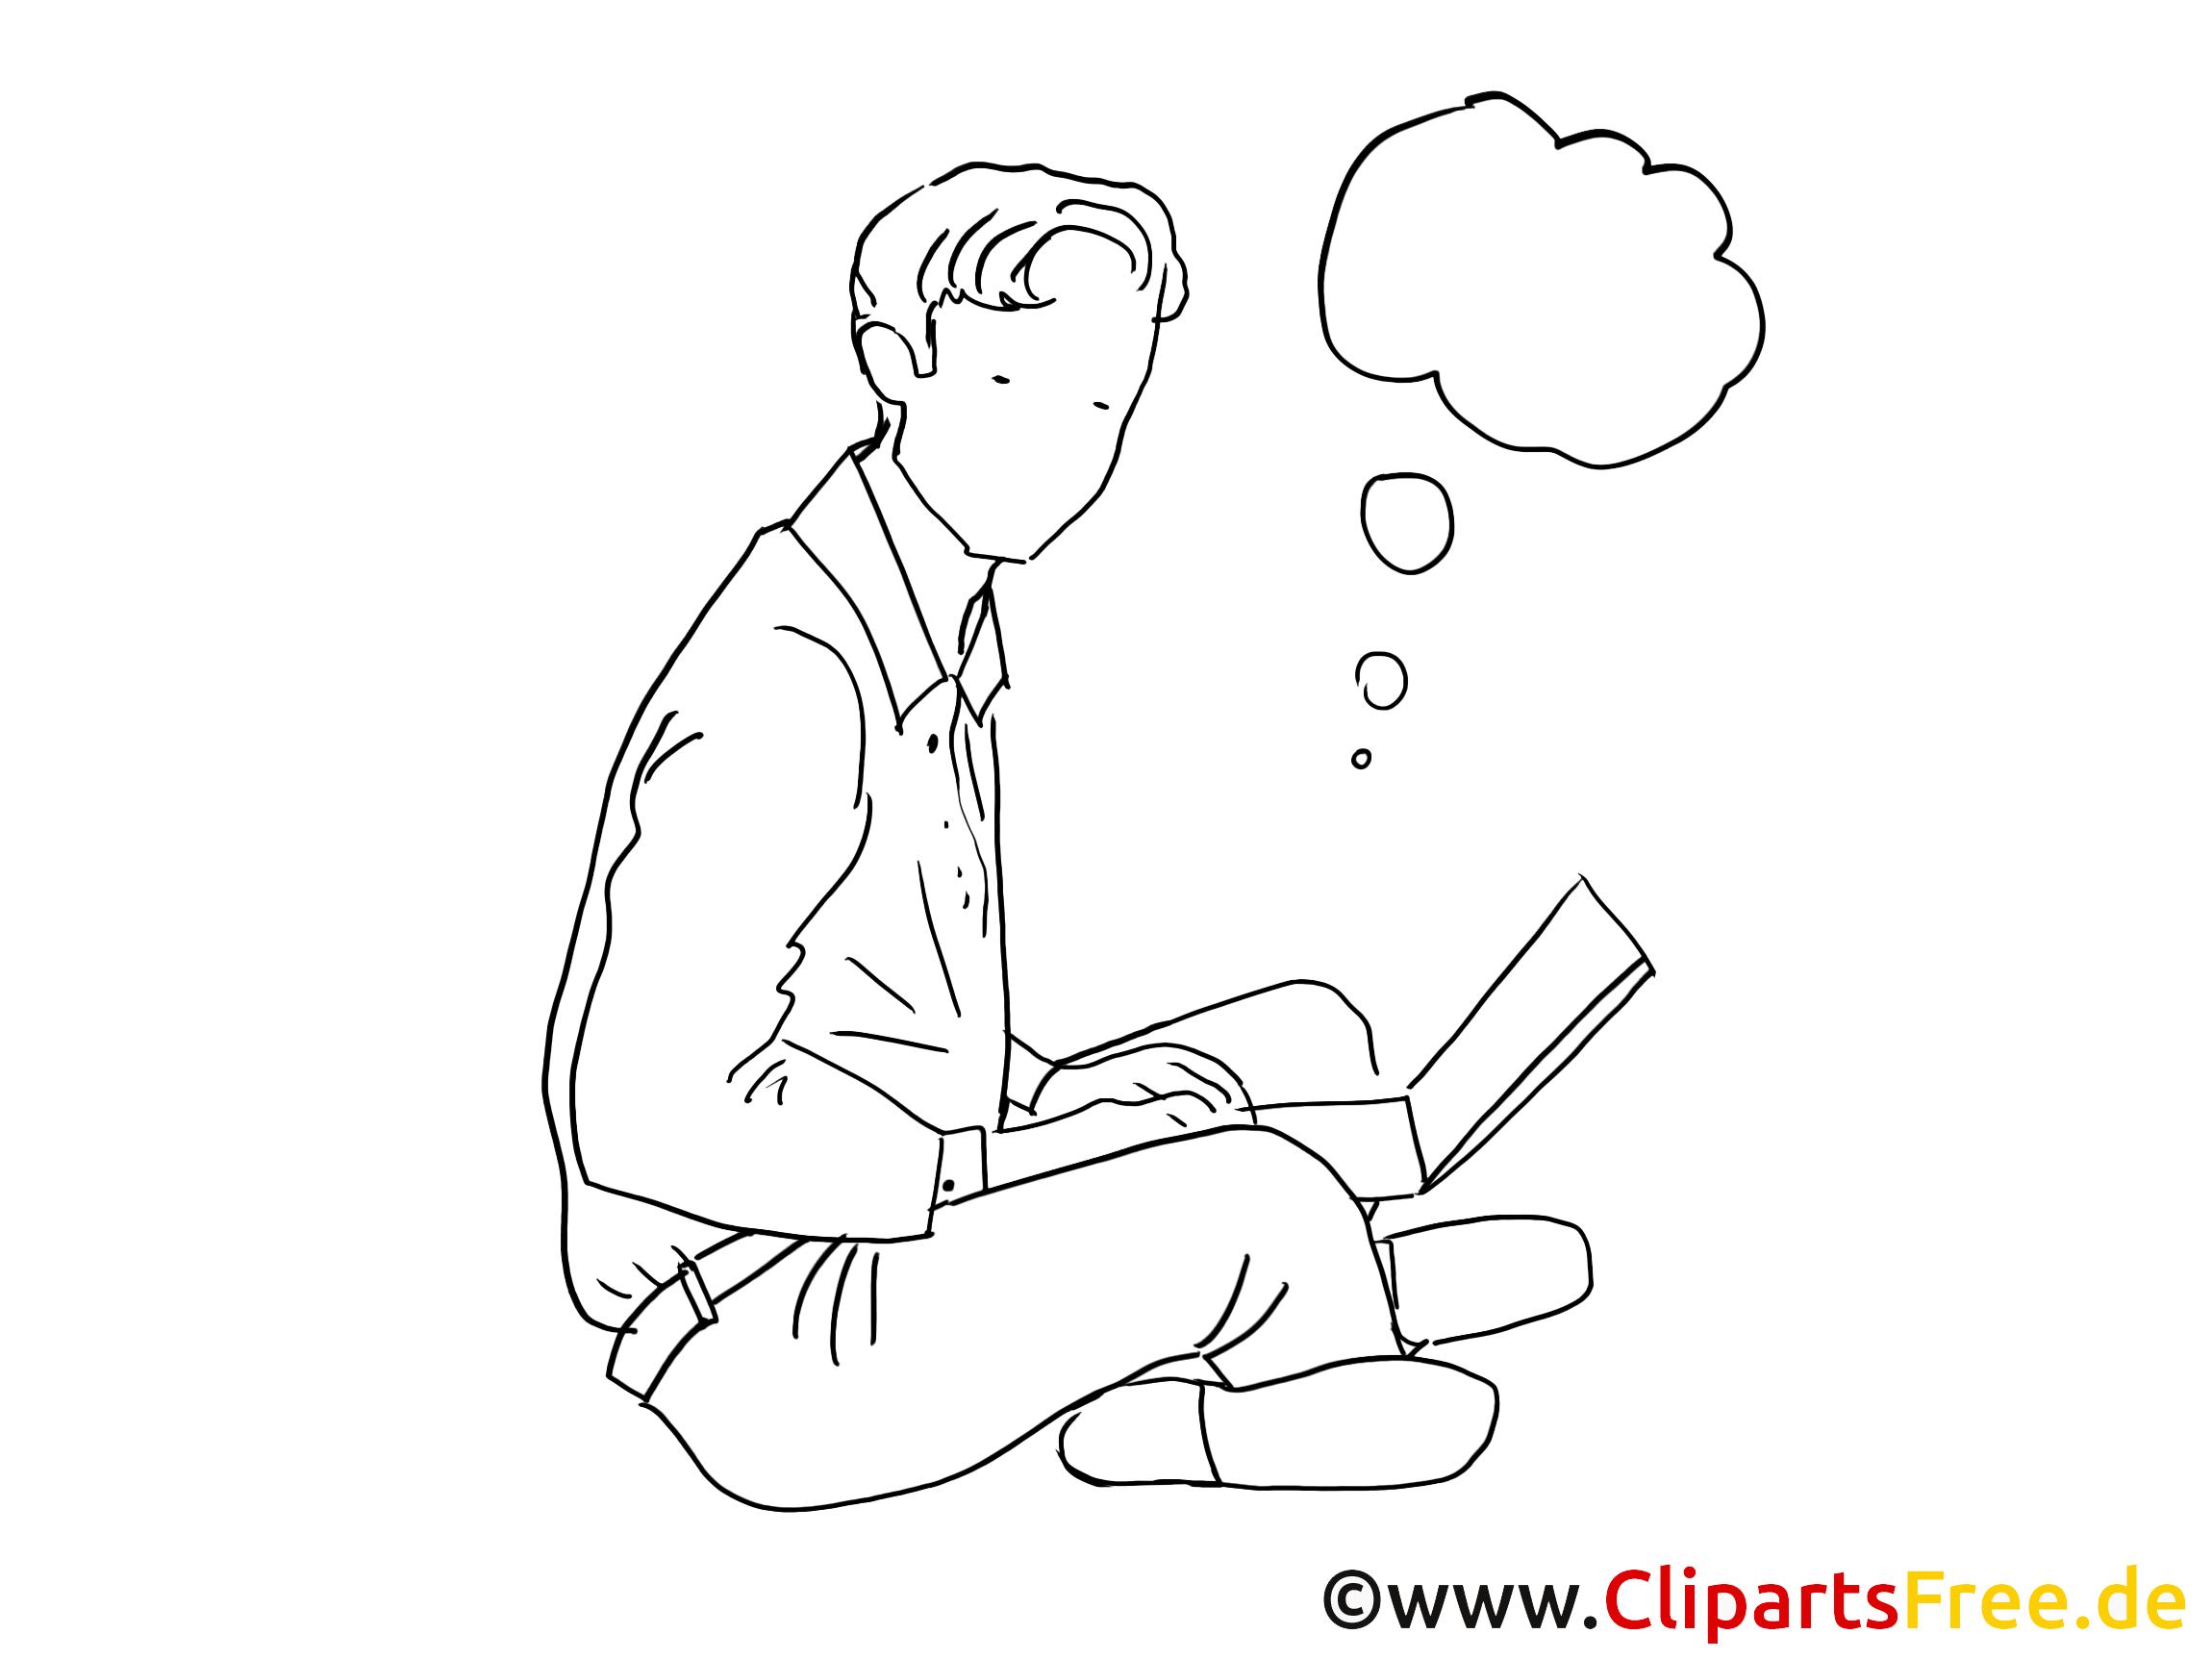 Cliparts schwarz-weiss Mann mit Laptop